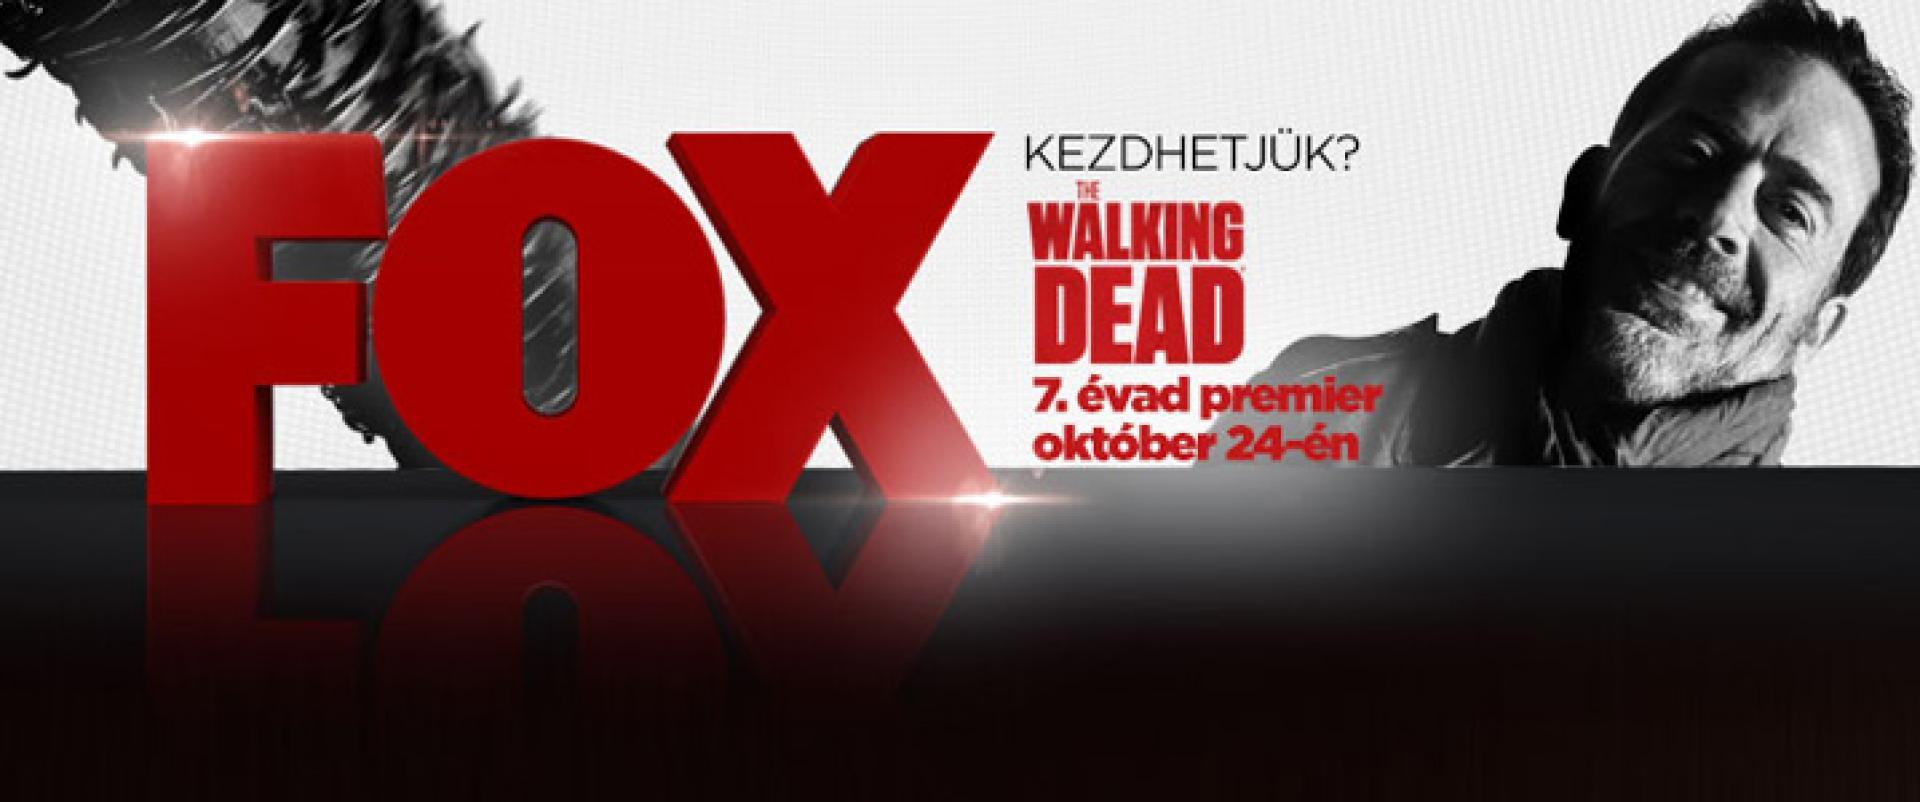 The Walking Dead, 7. évad: képek, szinopszis